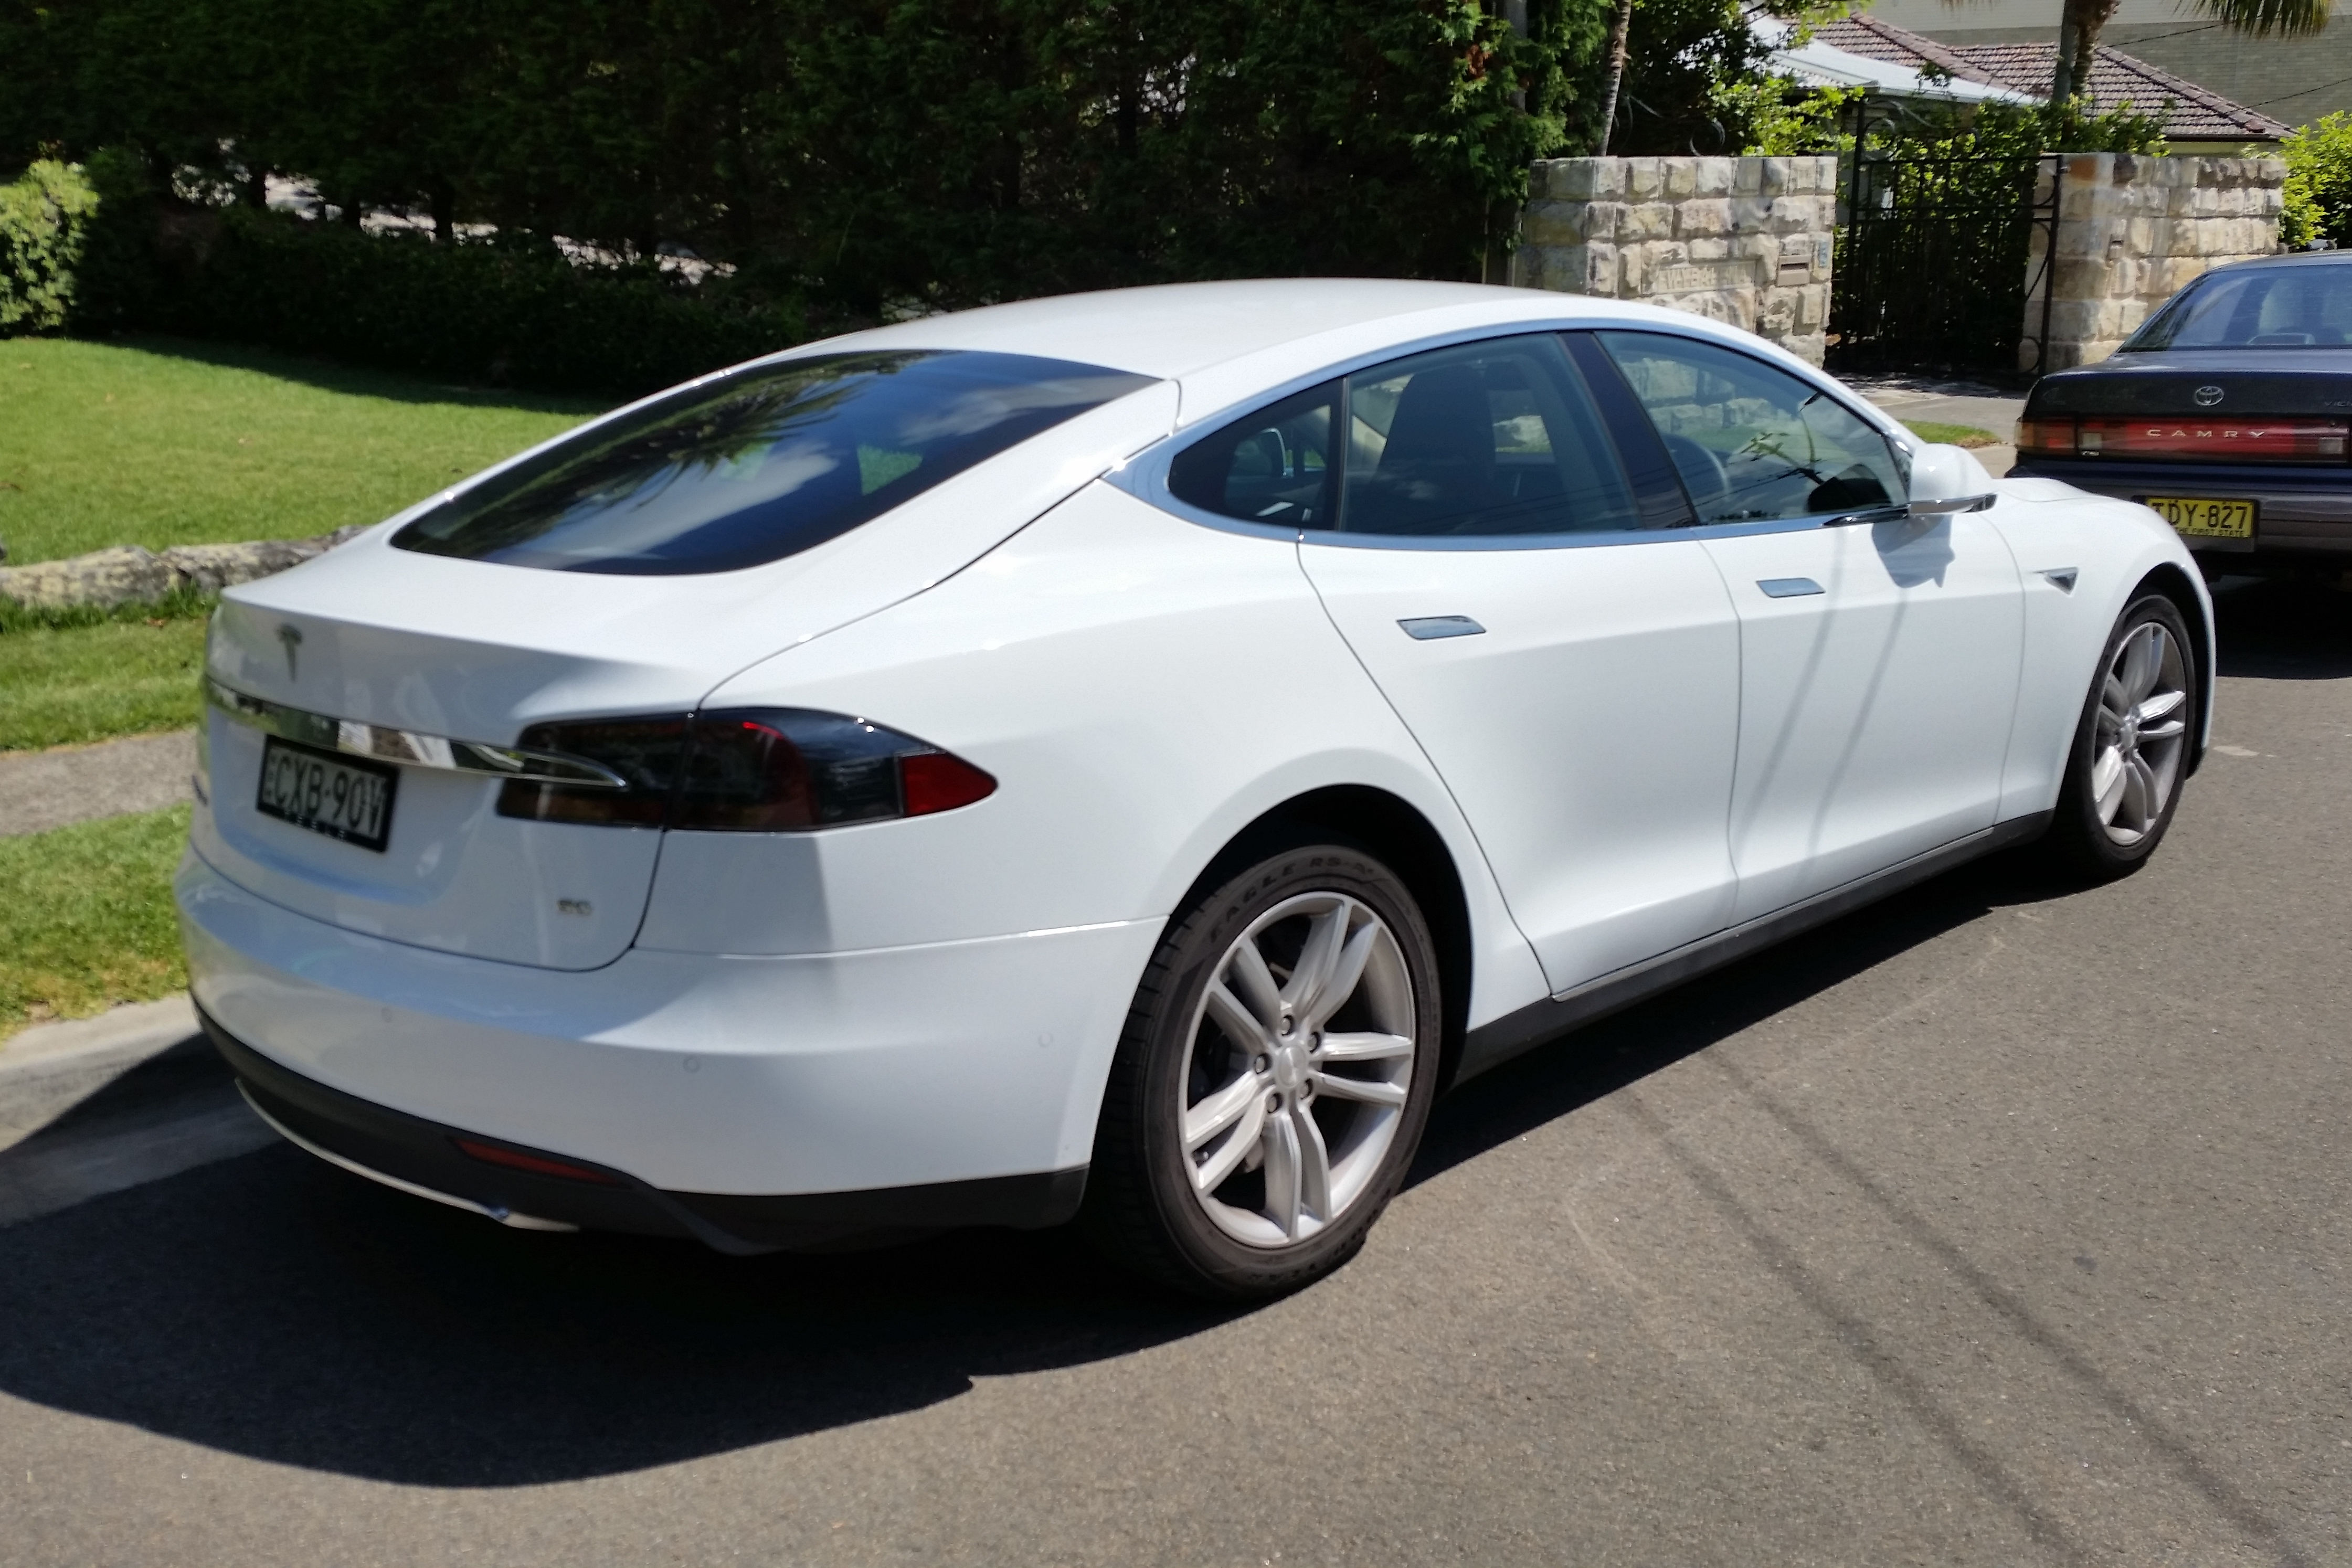 File:2015 Tesla Model S 60 hatchback (25478501990).jpg - Wikimedia ...